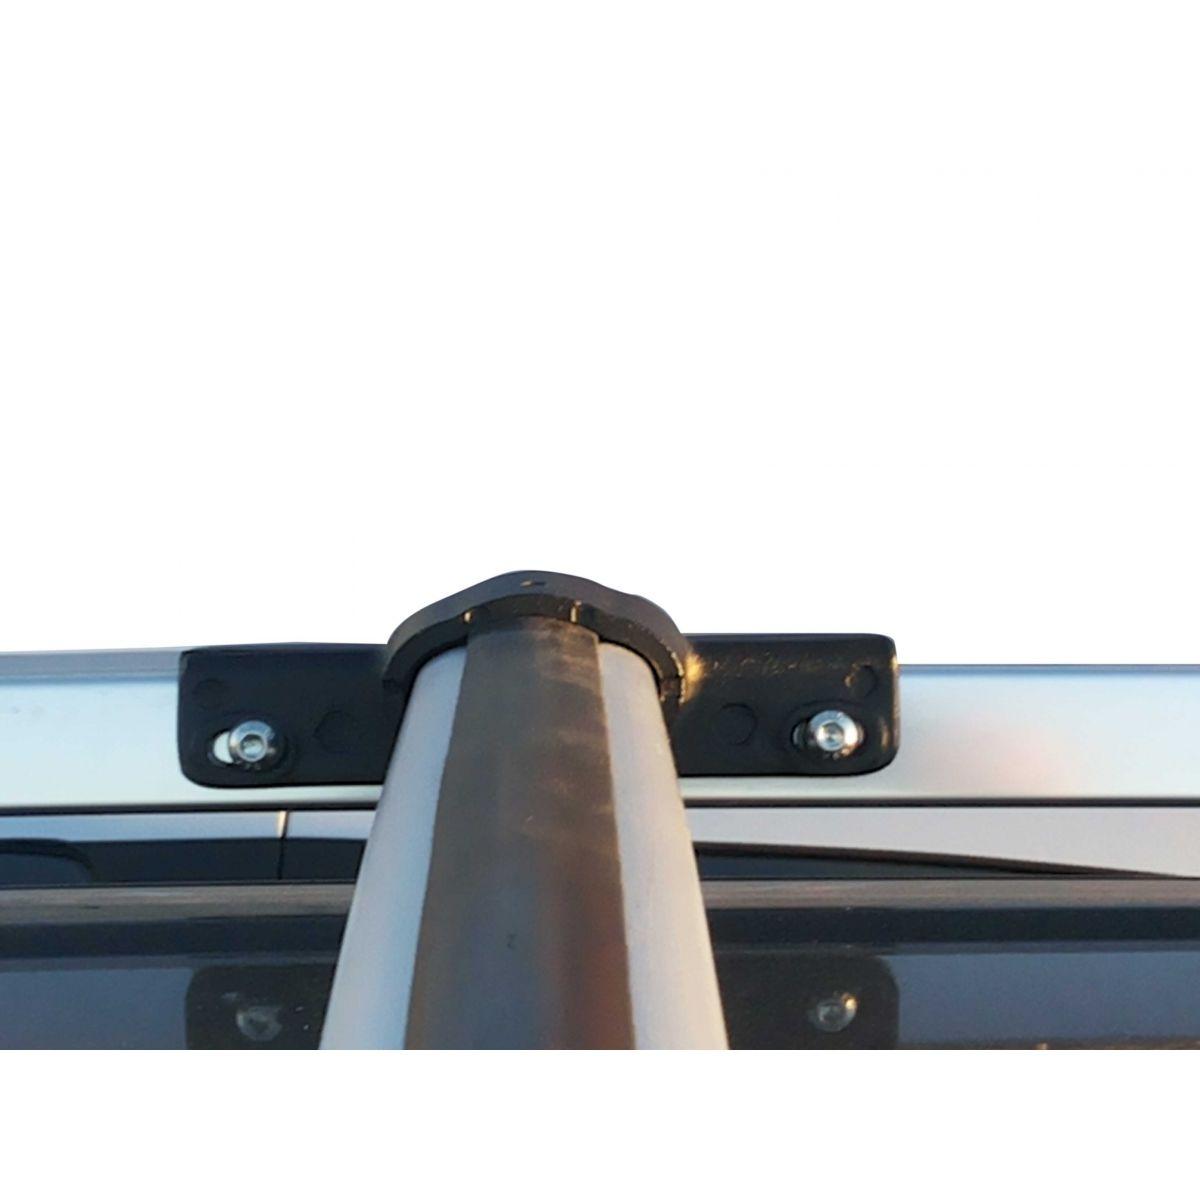 Travessa rack de teto Trailblazer 2013 a 2017 fixa��o original